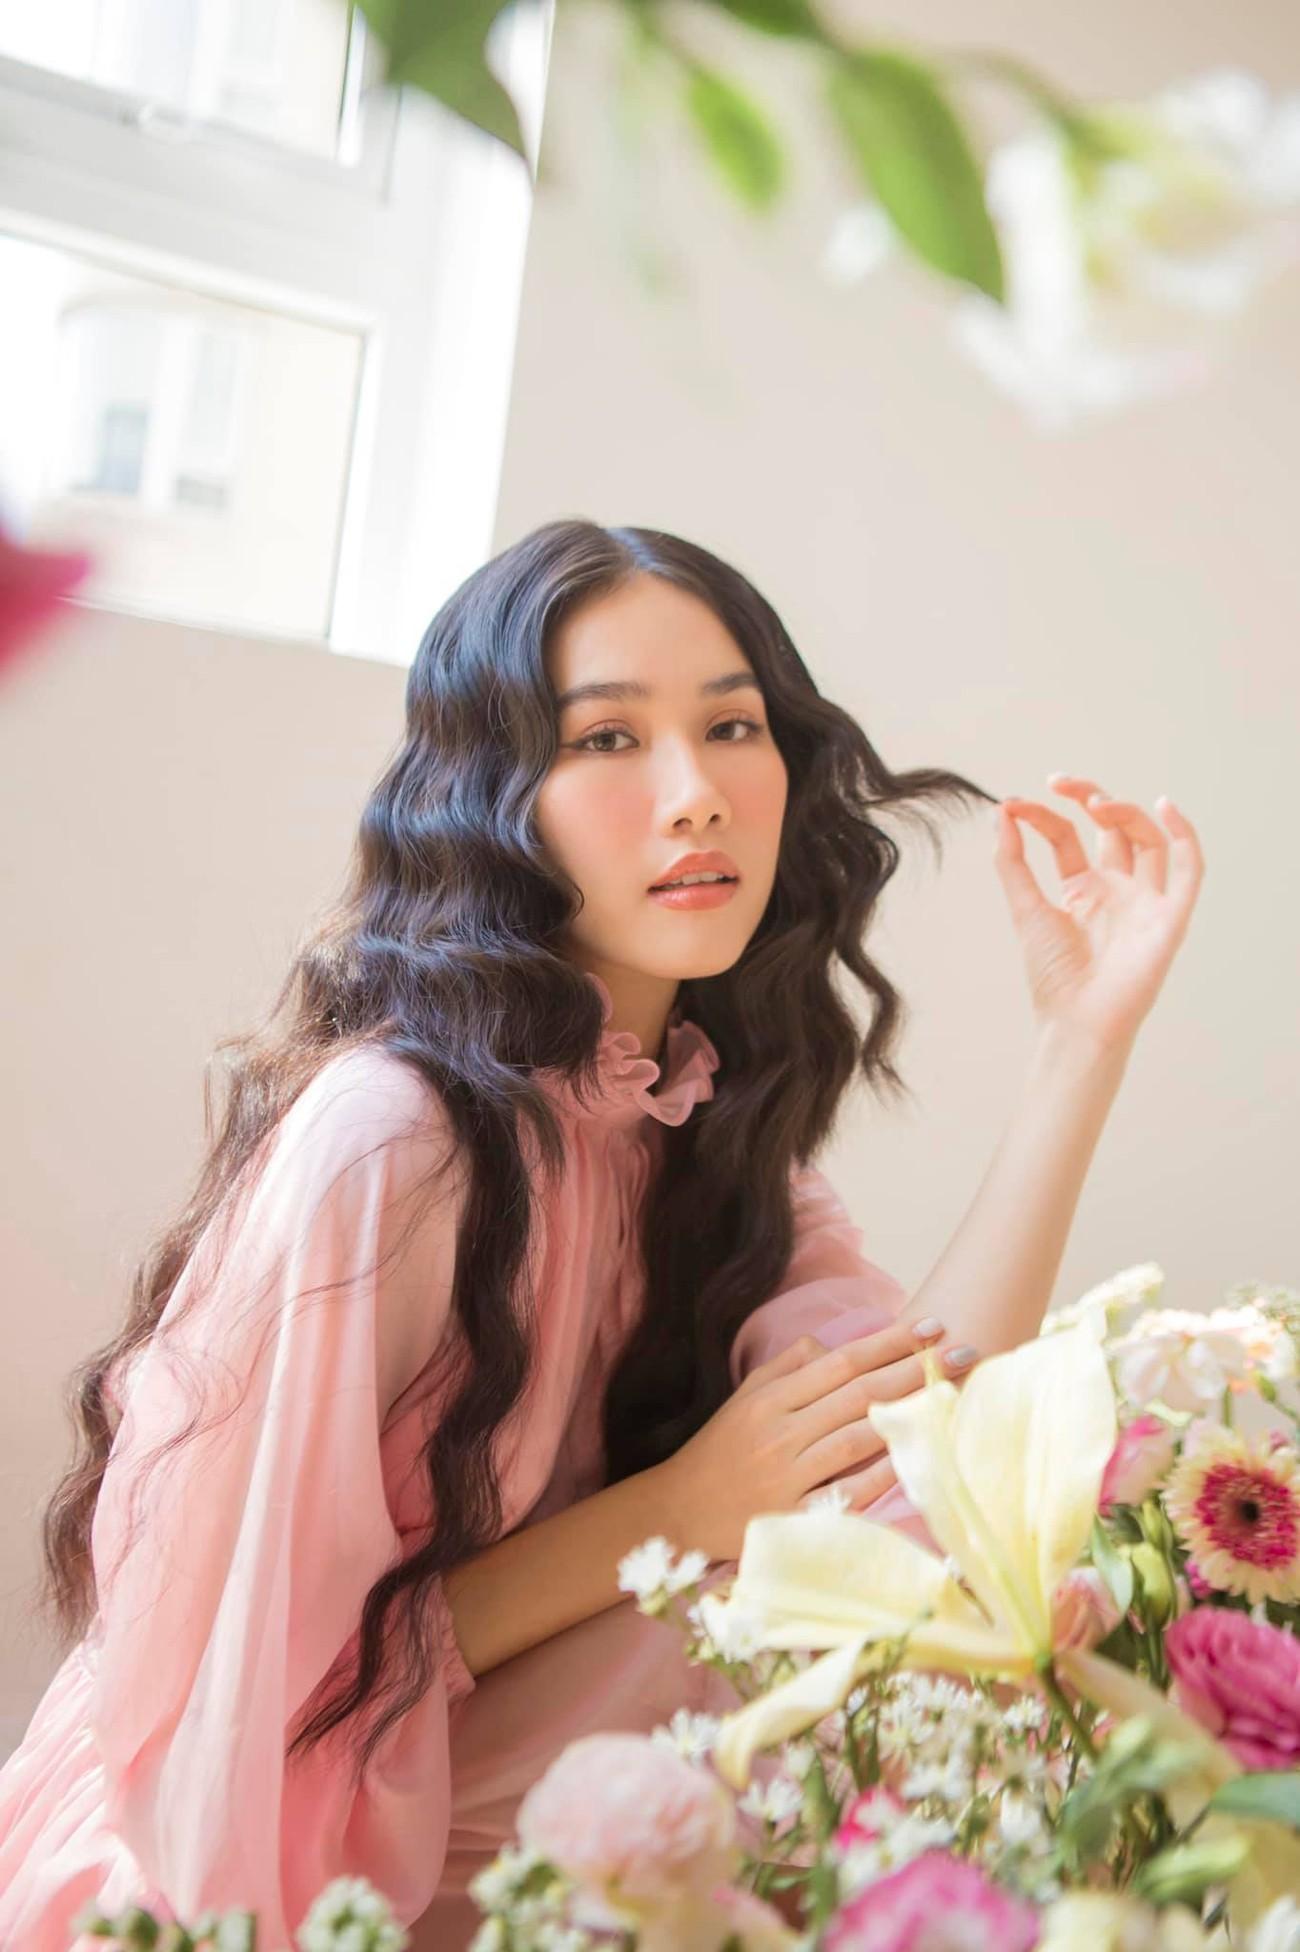 Á hậu Phương Anh đẹp tựa nàng thơ, Ngọc Thảo lên đồ sang chảnh uống cafe trong khu cách ly ảnh 2